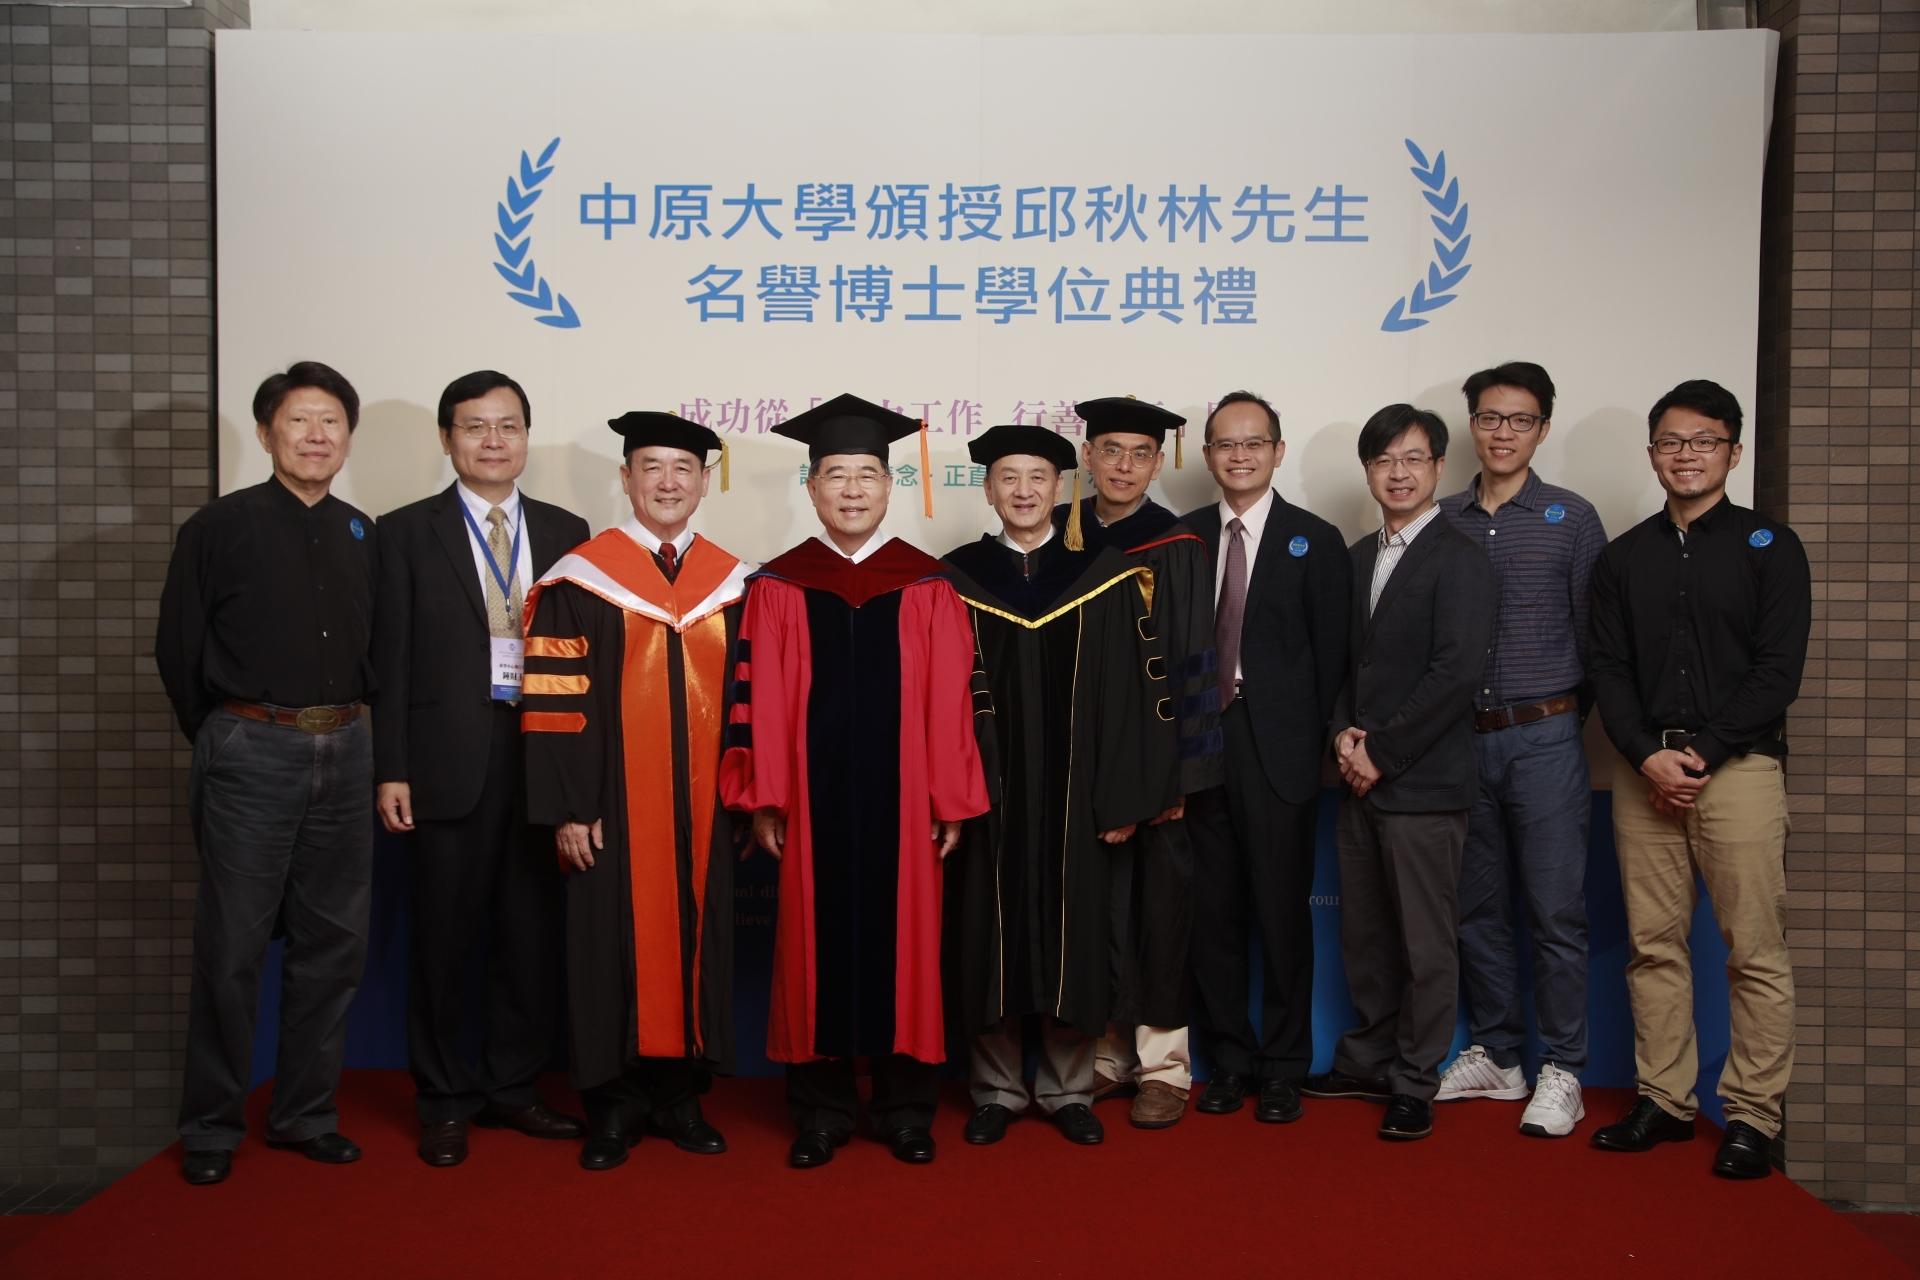 成功從「努力工作 行善天下」開始 中原校友邱秋林獲頒名譽博士學位